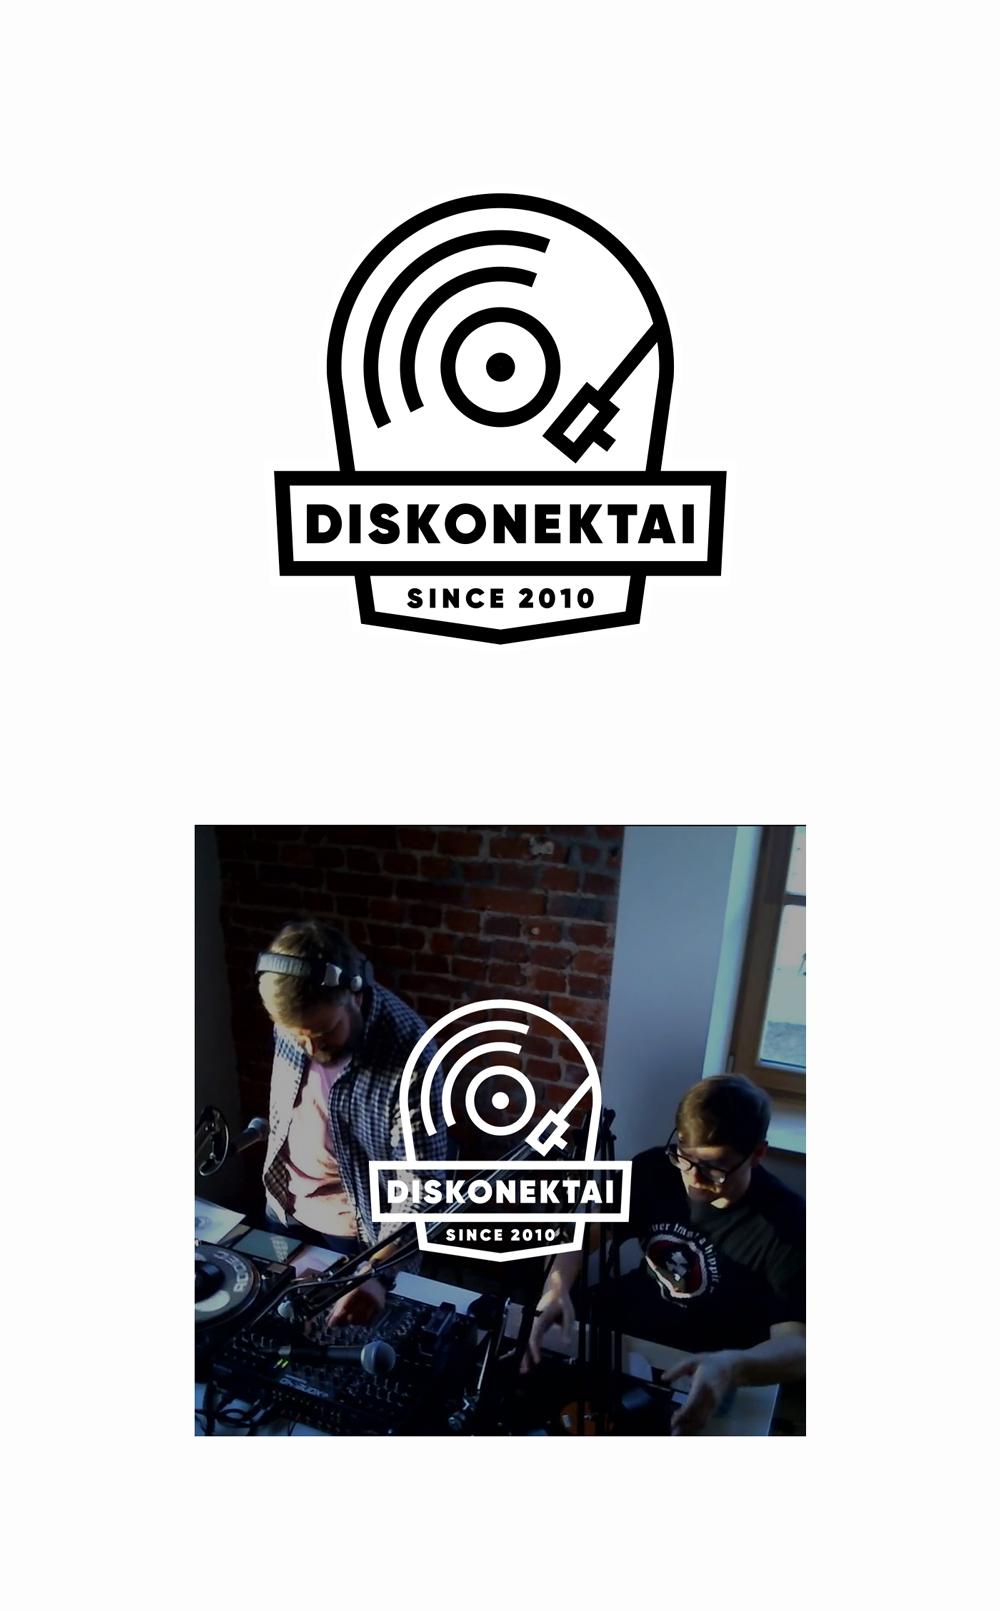 Diskonektai-logotipas-grafikos-dizaineris-klaipedoje